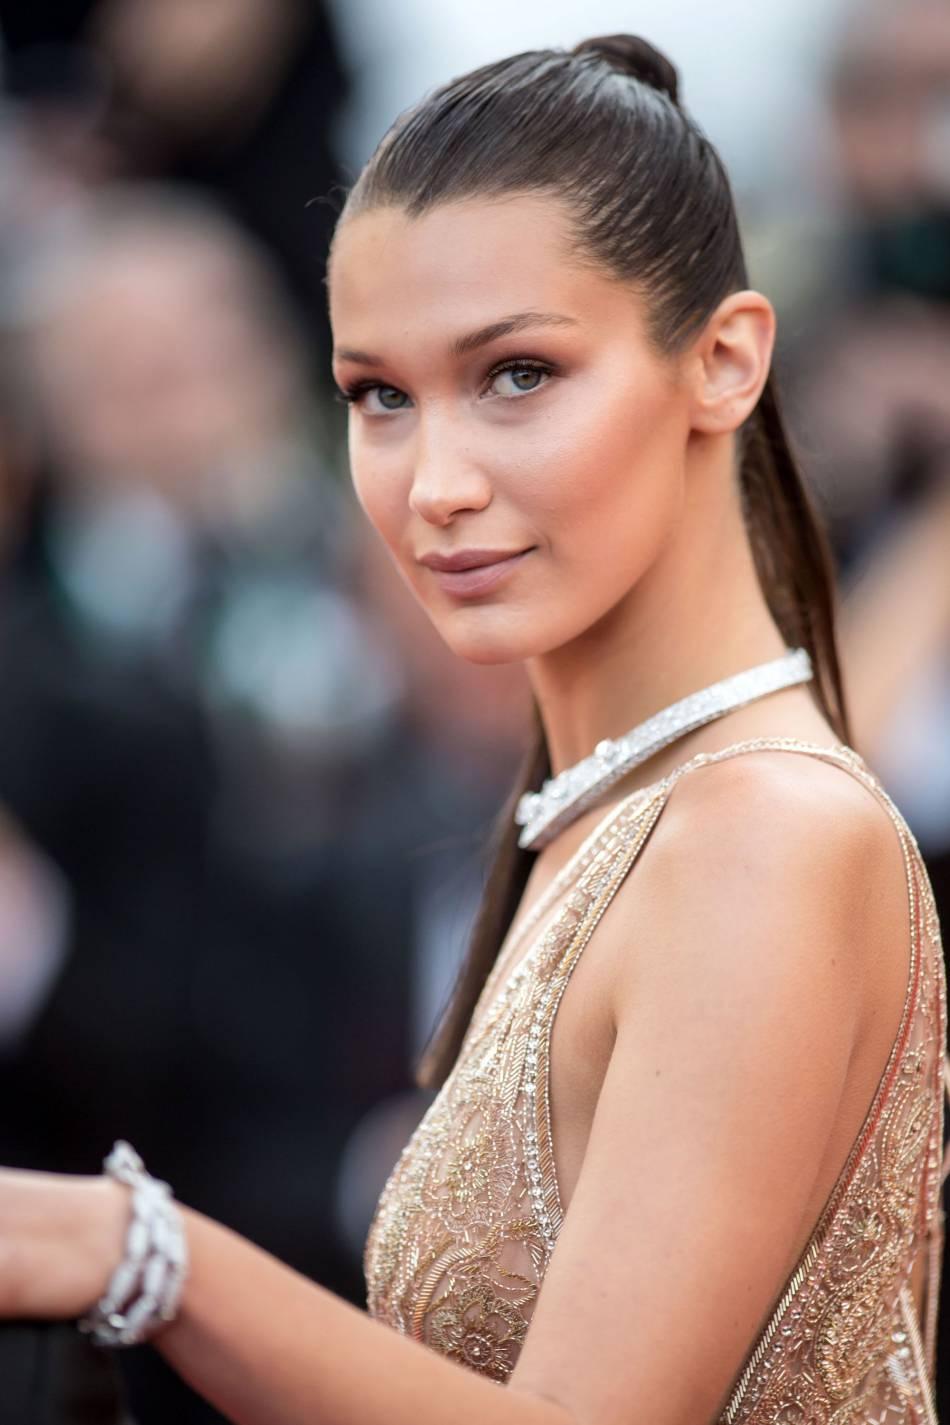 Le strobing fait des merveilles sur l'ossature déjà sublime de Bella Hadid, lors de ce 69e Festival de Cannes.